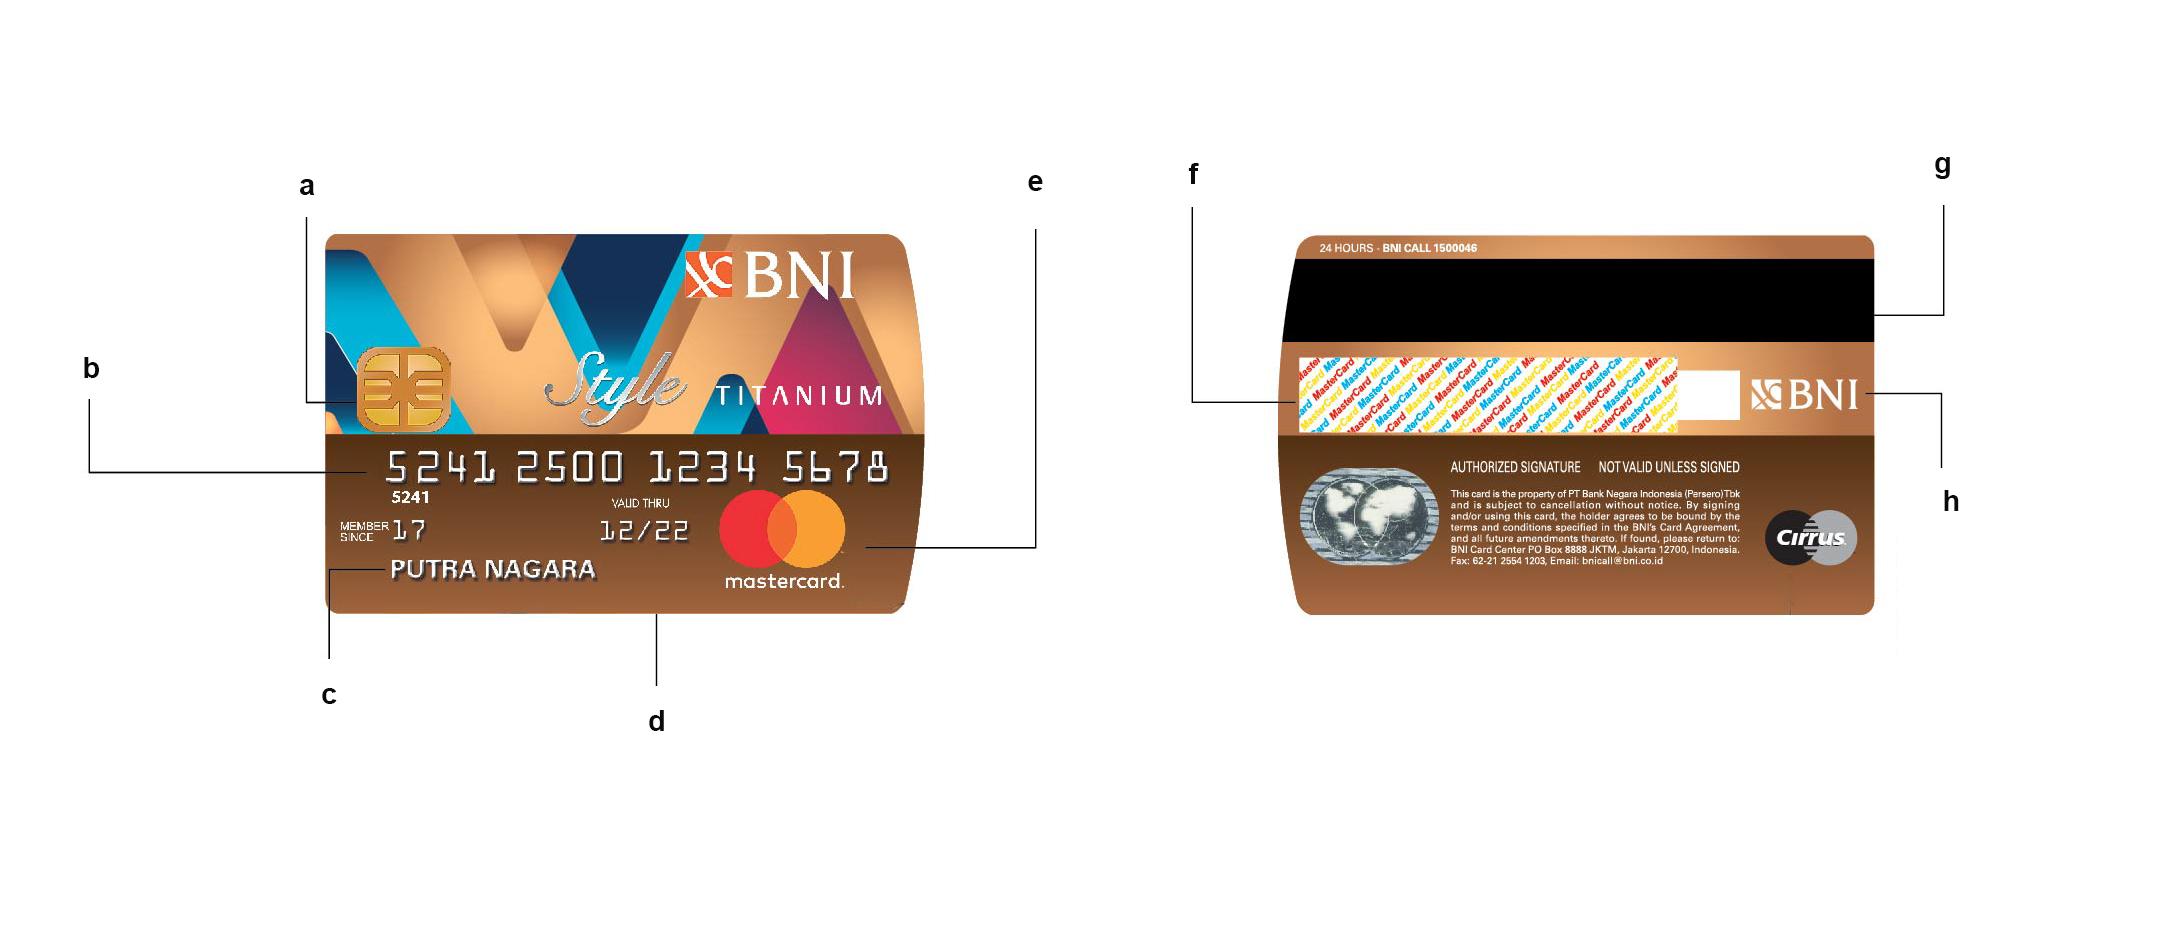 3 Cara Cek Status Kartu Kredit Bni Disetujui Atau Ditolak Yukampus